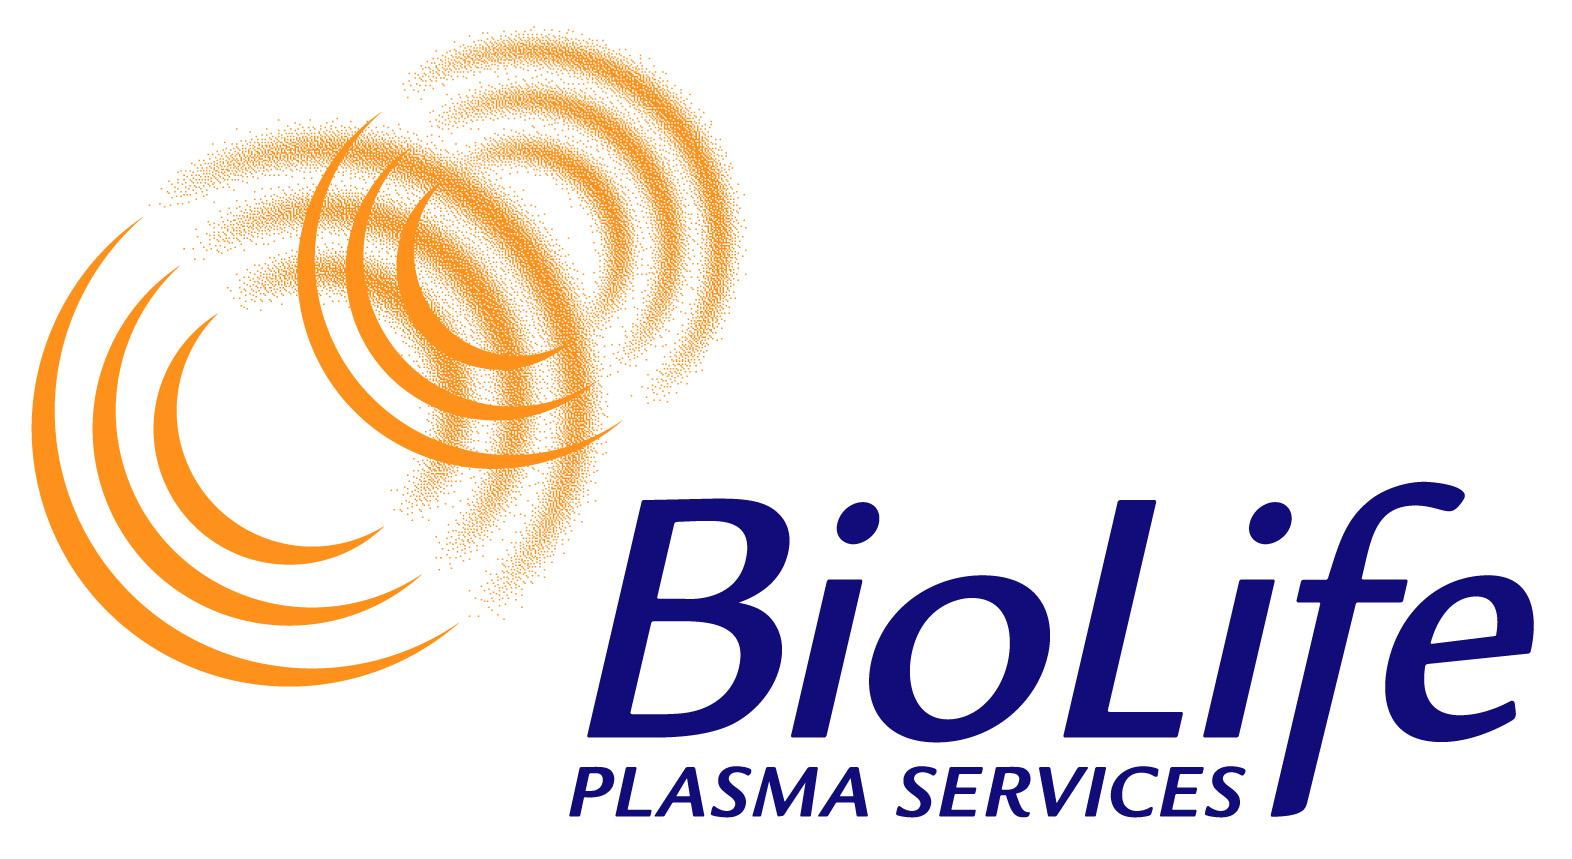 Biolife plasma coupons